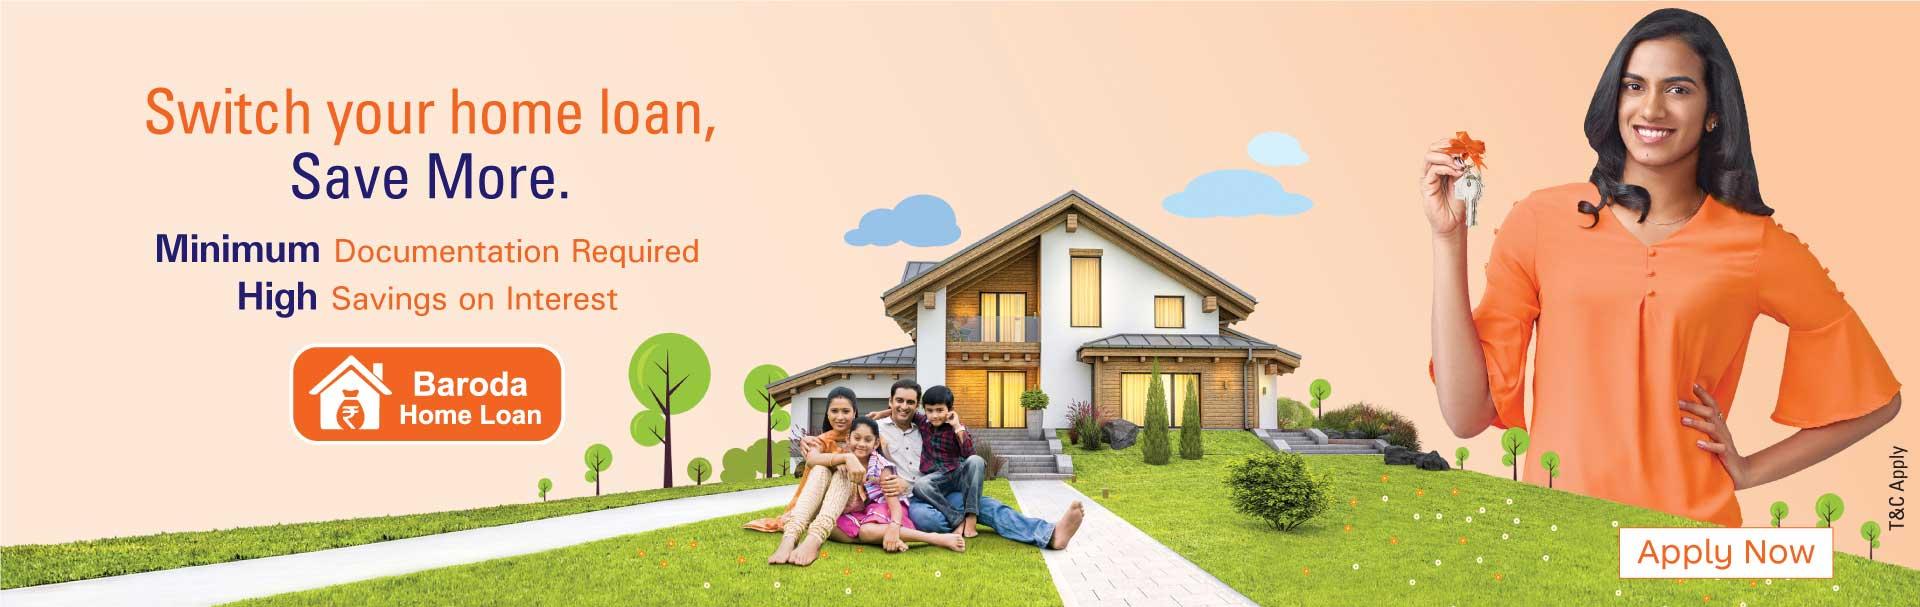 Baroda Home loan Take over scheme